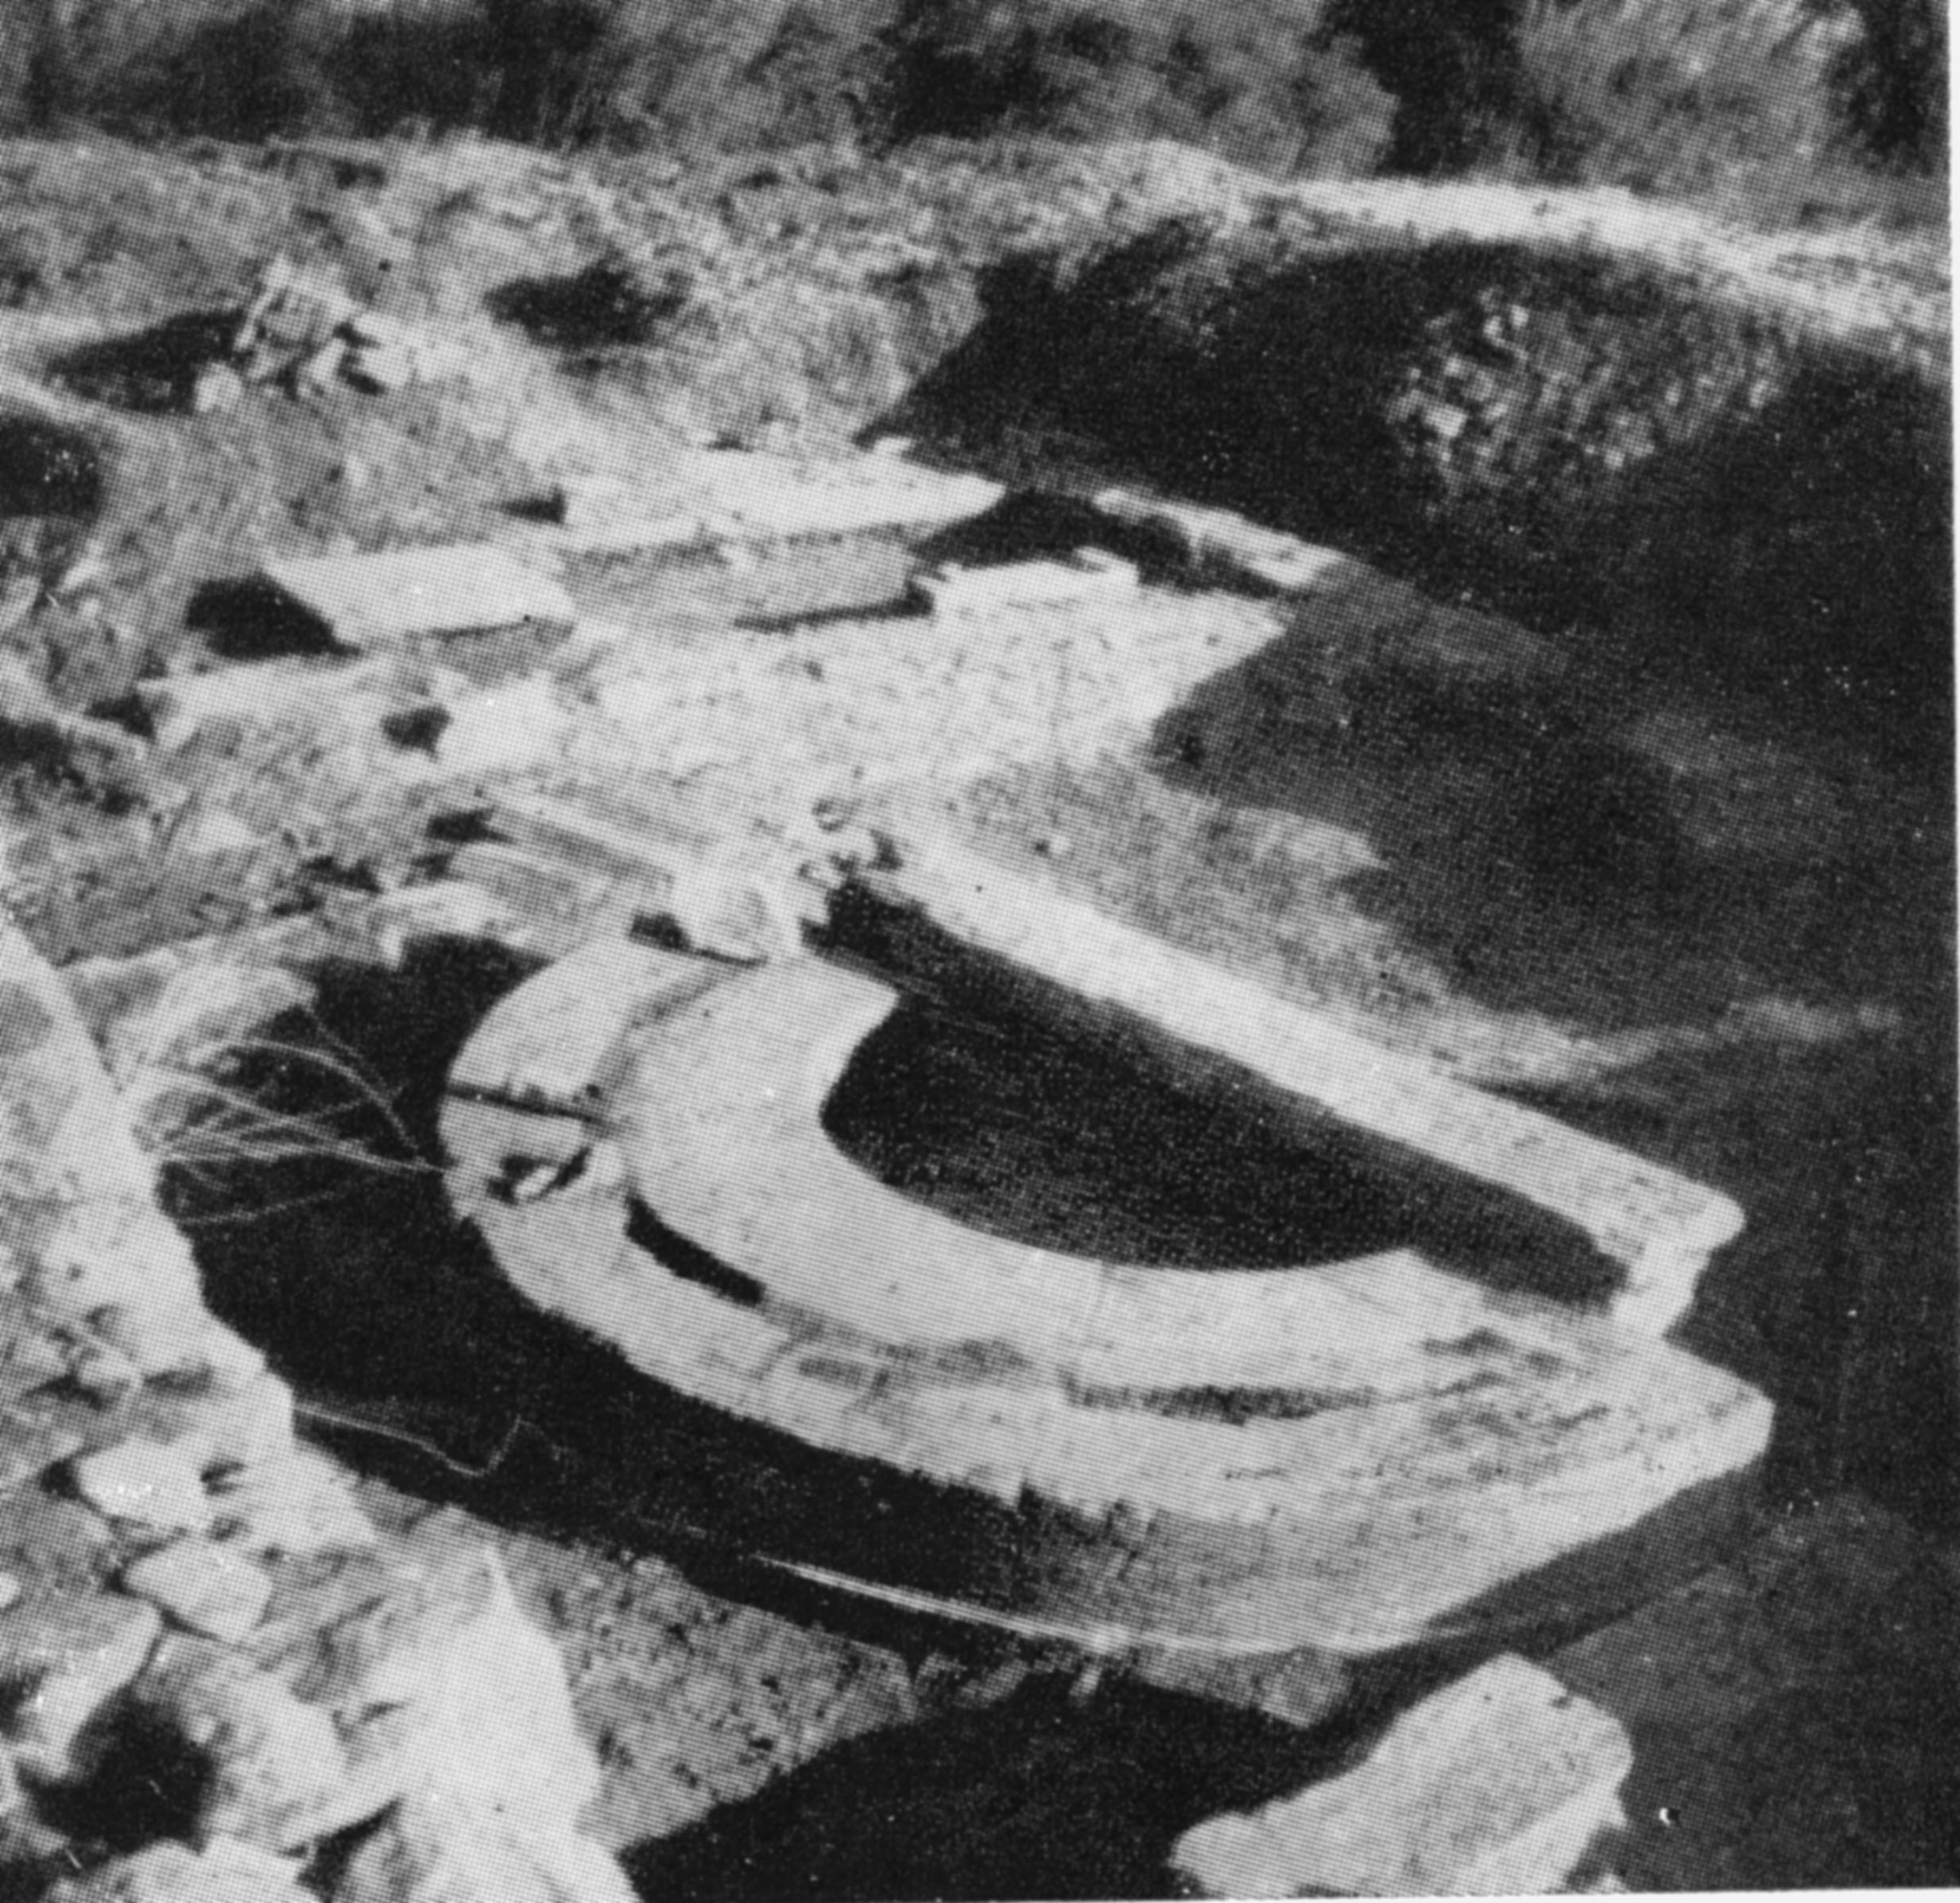 Ανασκαφή Ν. Κοντολέοντος. Κατάλοιπα εξέδρας μπροστά στη βόρεια στοά της αγοράς